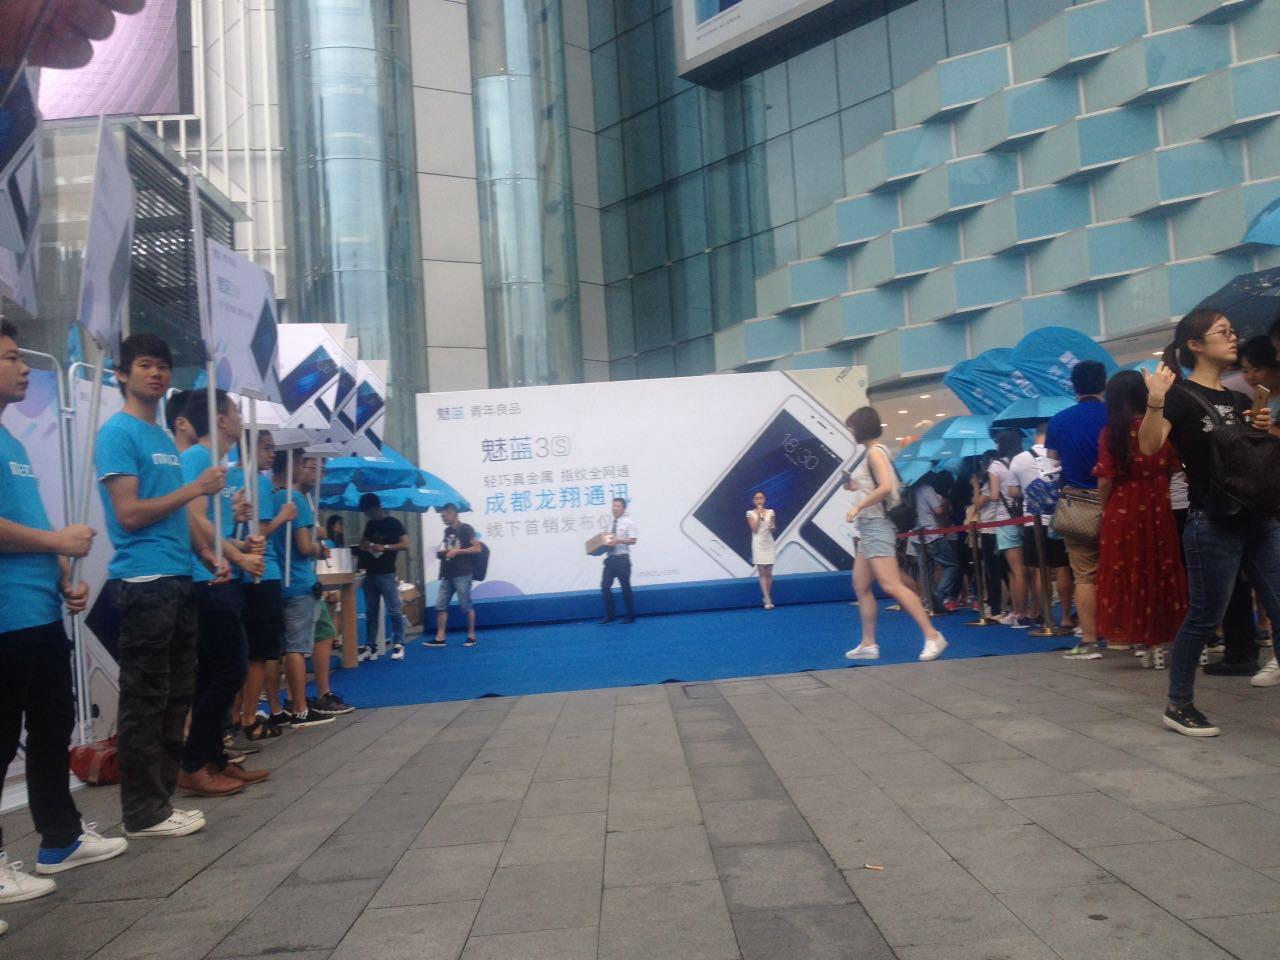 成都活动策划公司,魅蓝3S在成都龙翔通讯发布 02